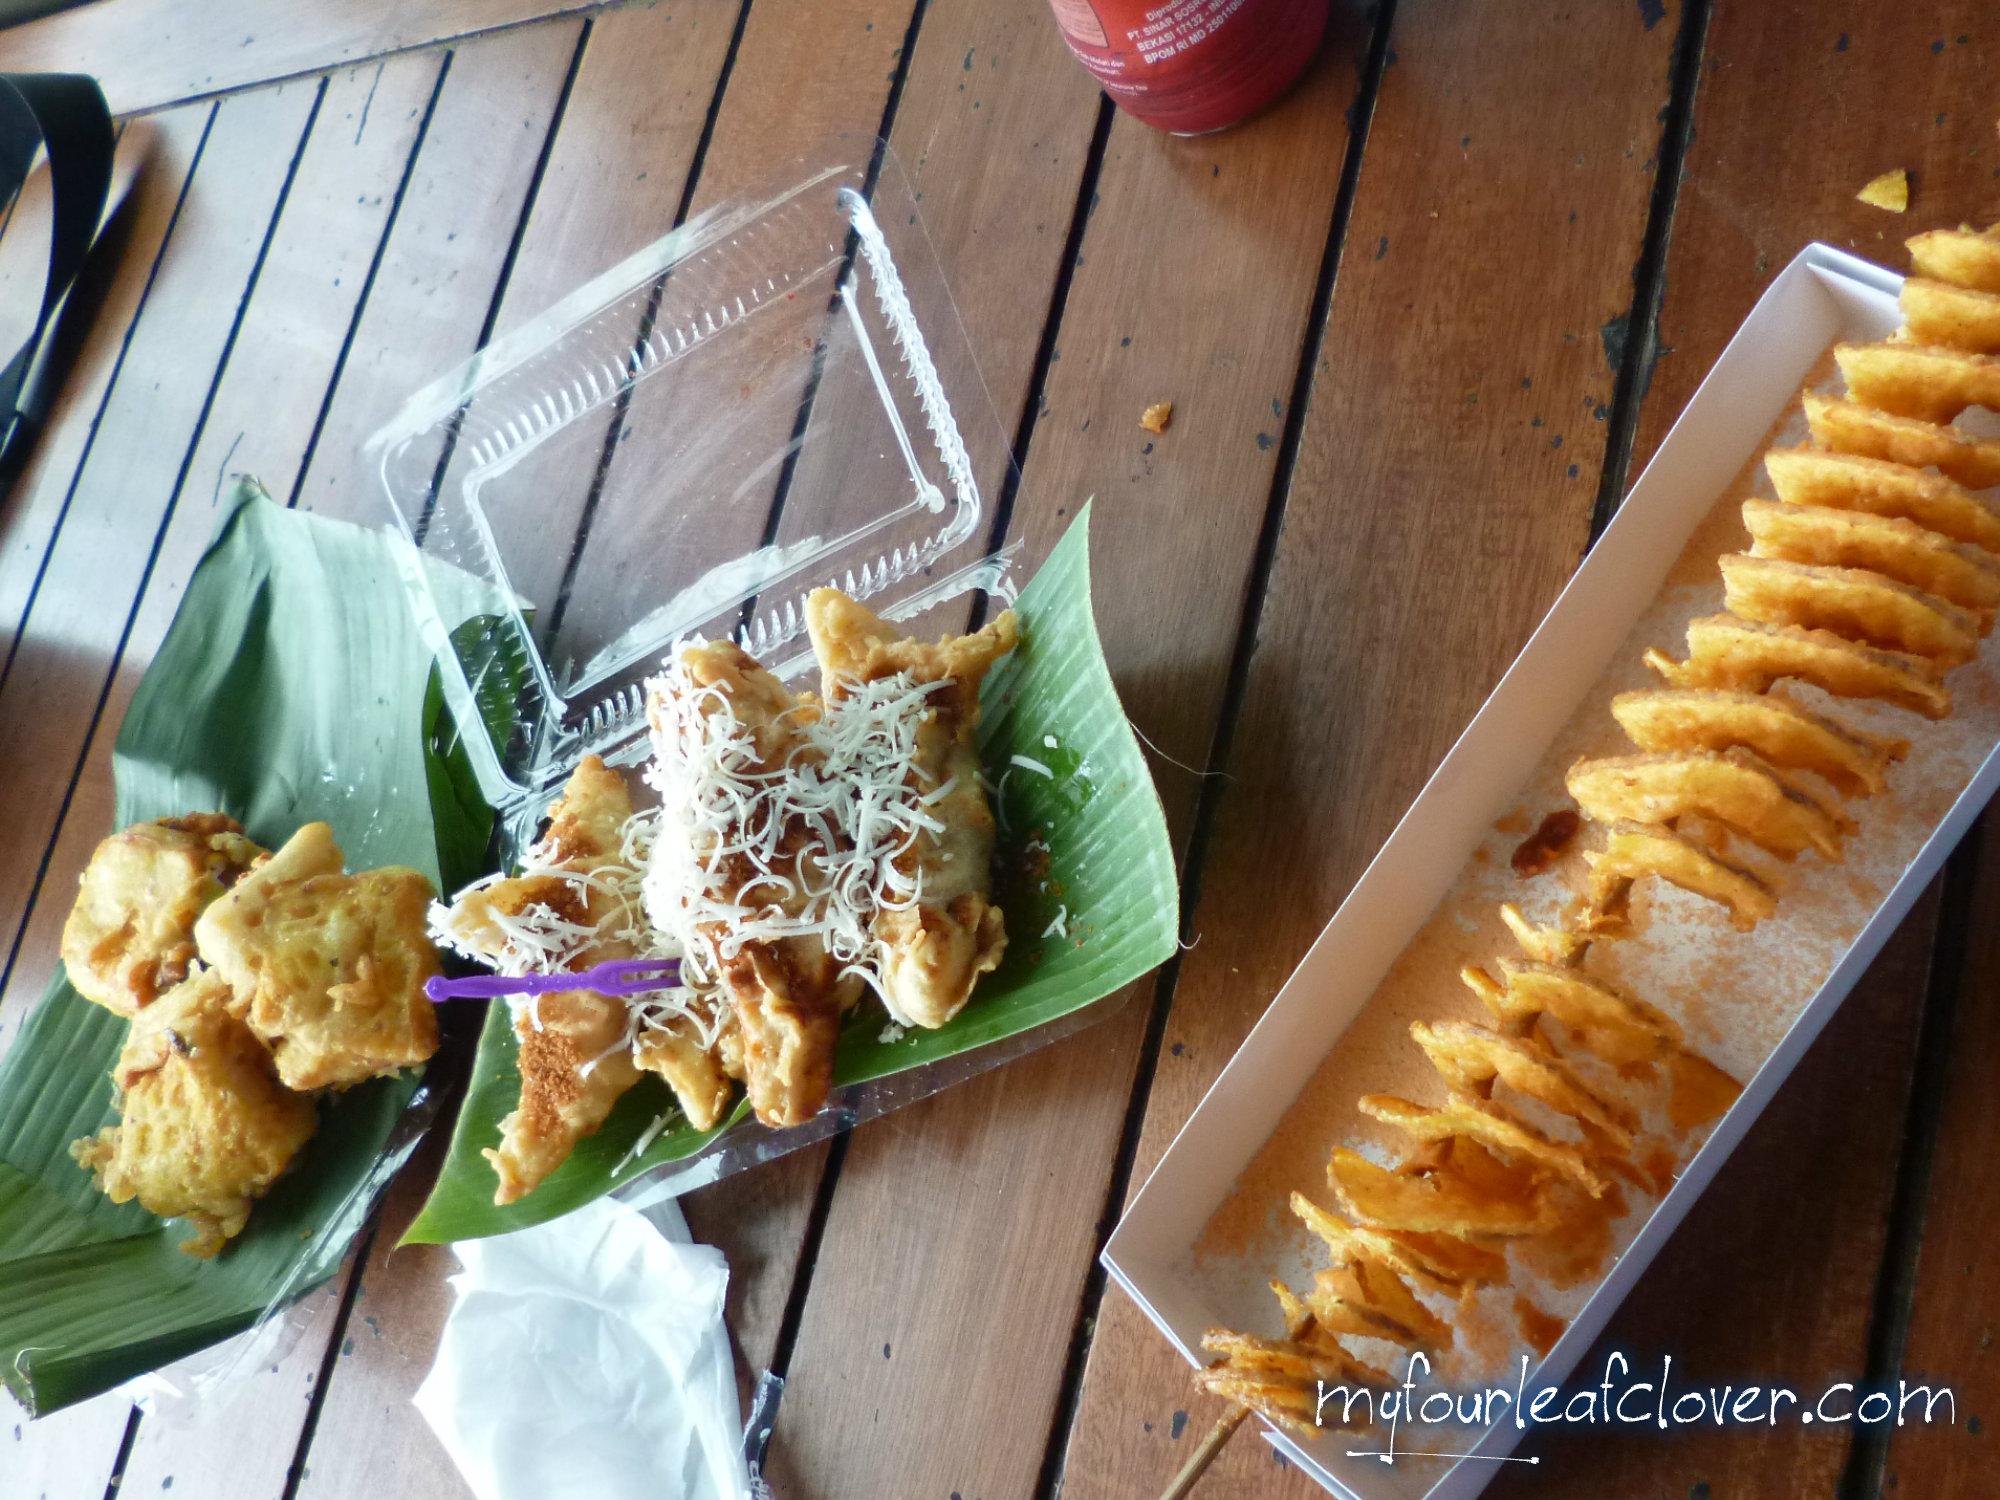 Floating Market Lembang My Fourleafclover Tiket Masuk Makanan